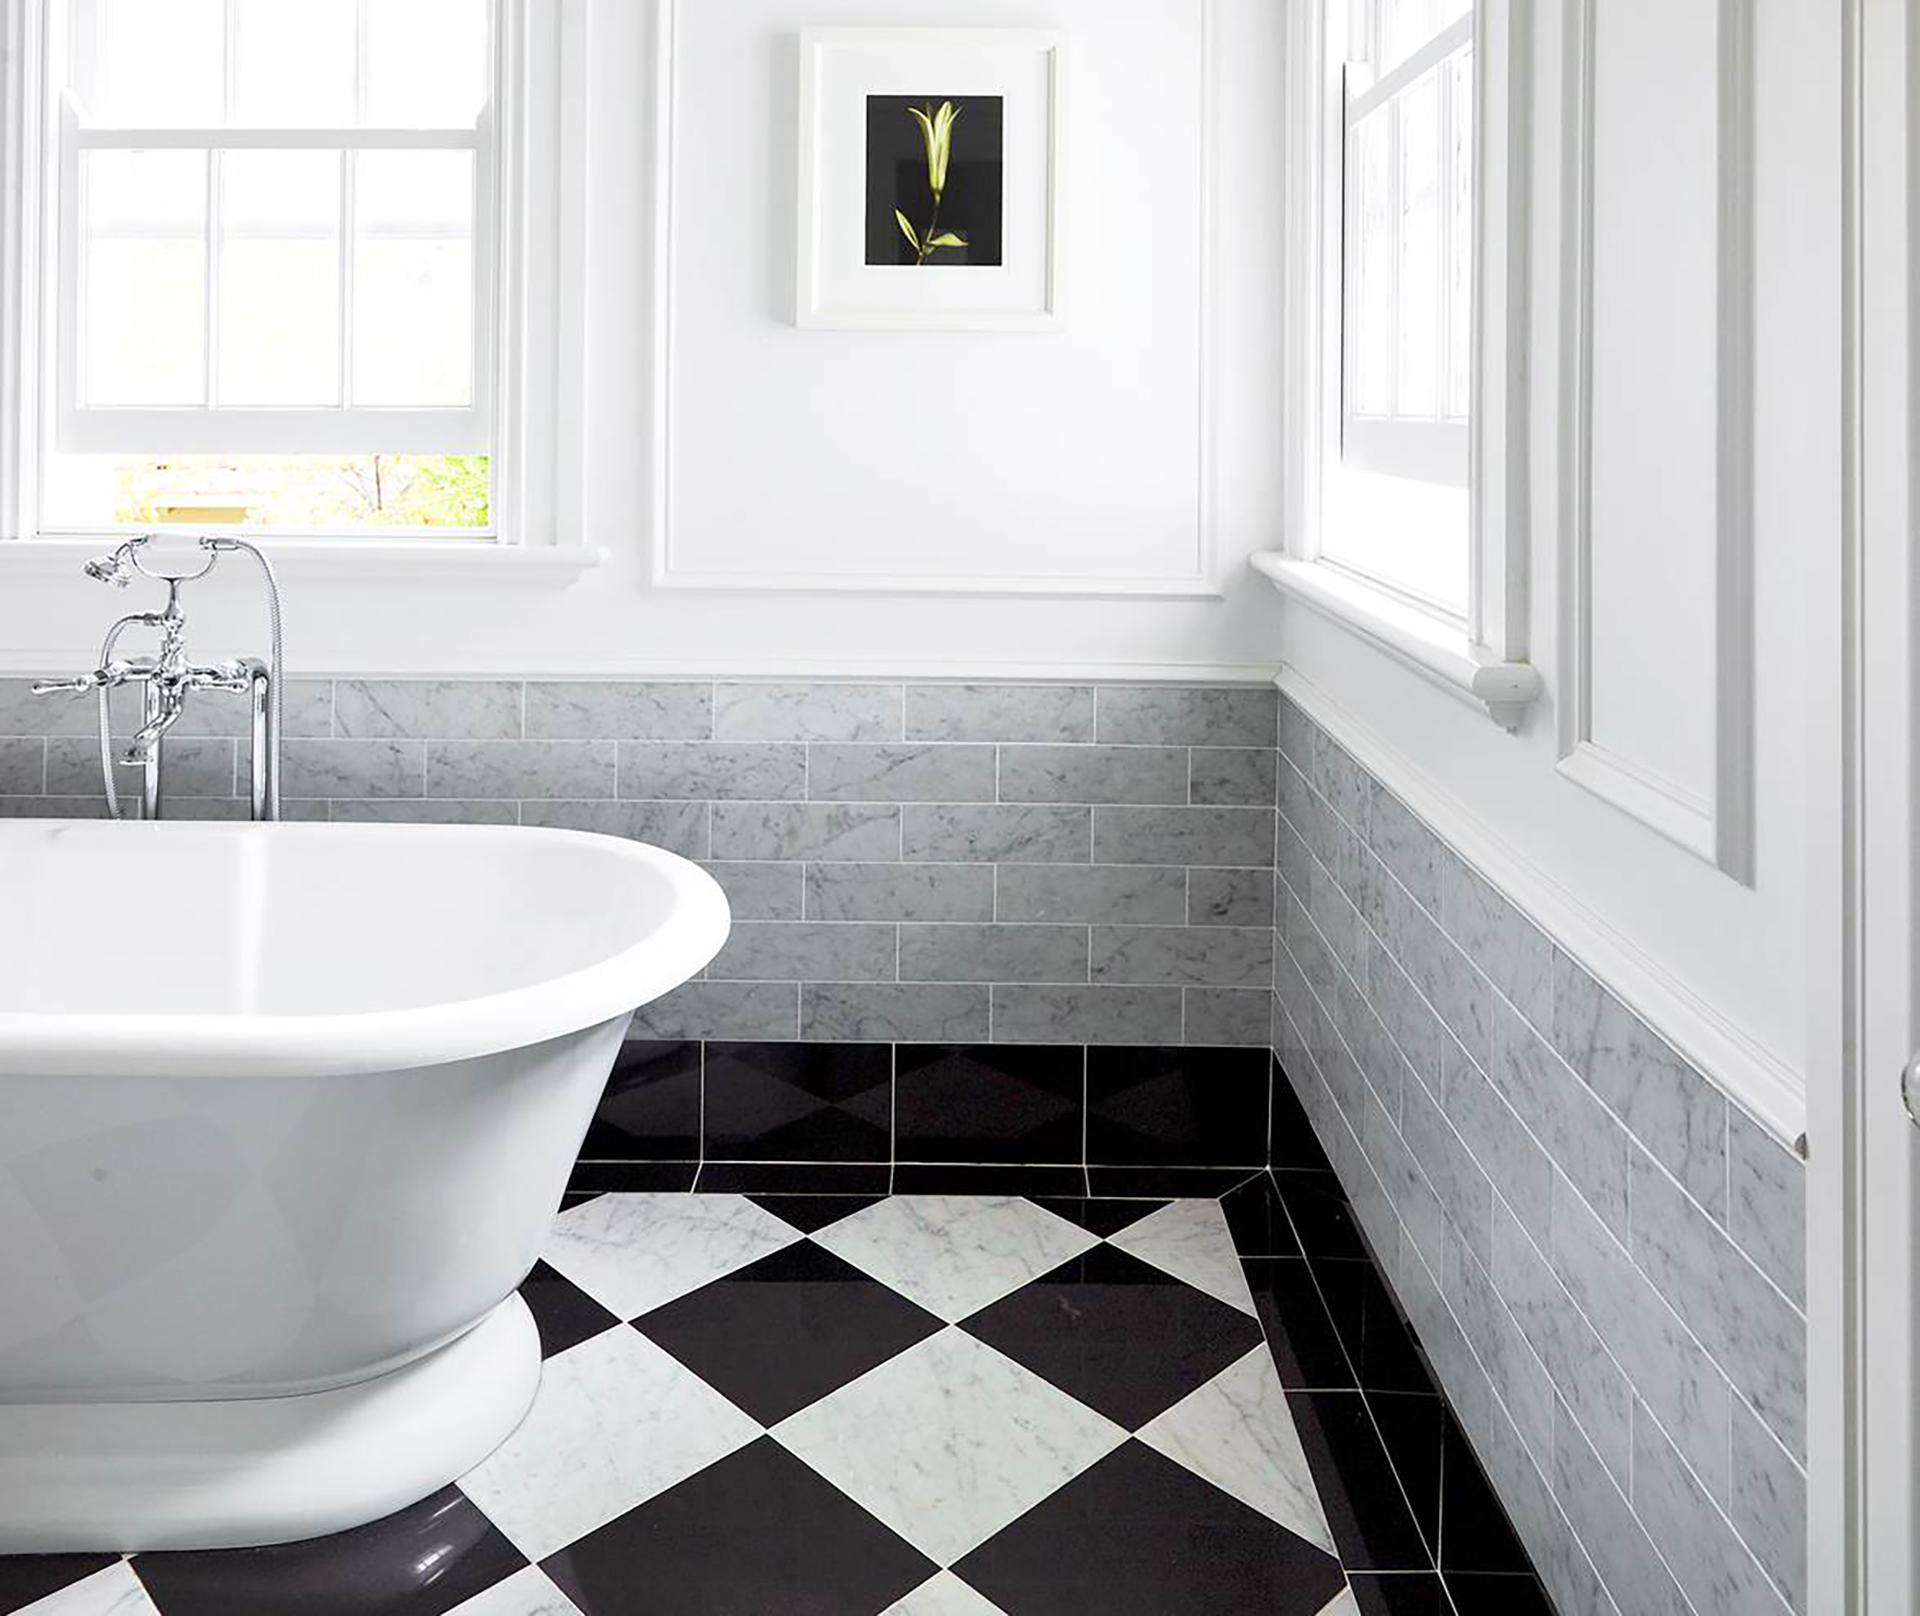 10 classic bathroom design ideas to inspire | Belle